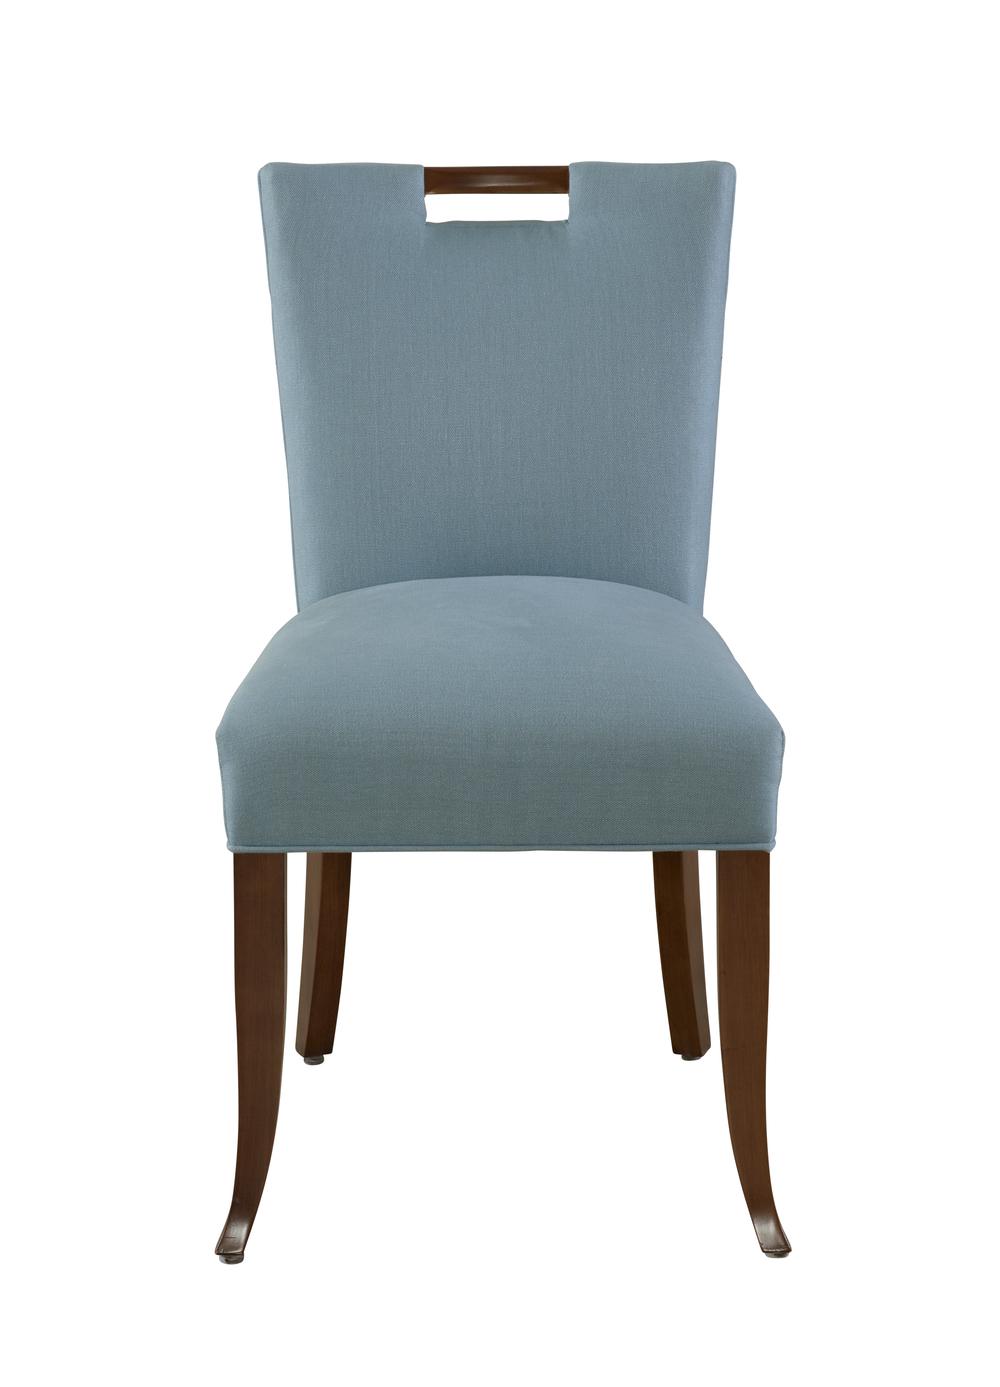 Designmaster Furniture - Darby Studio Chair